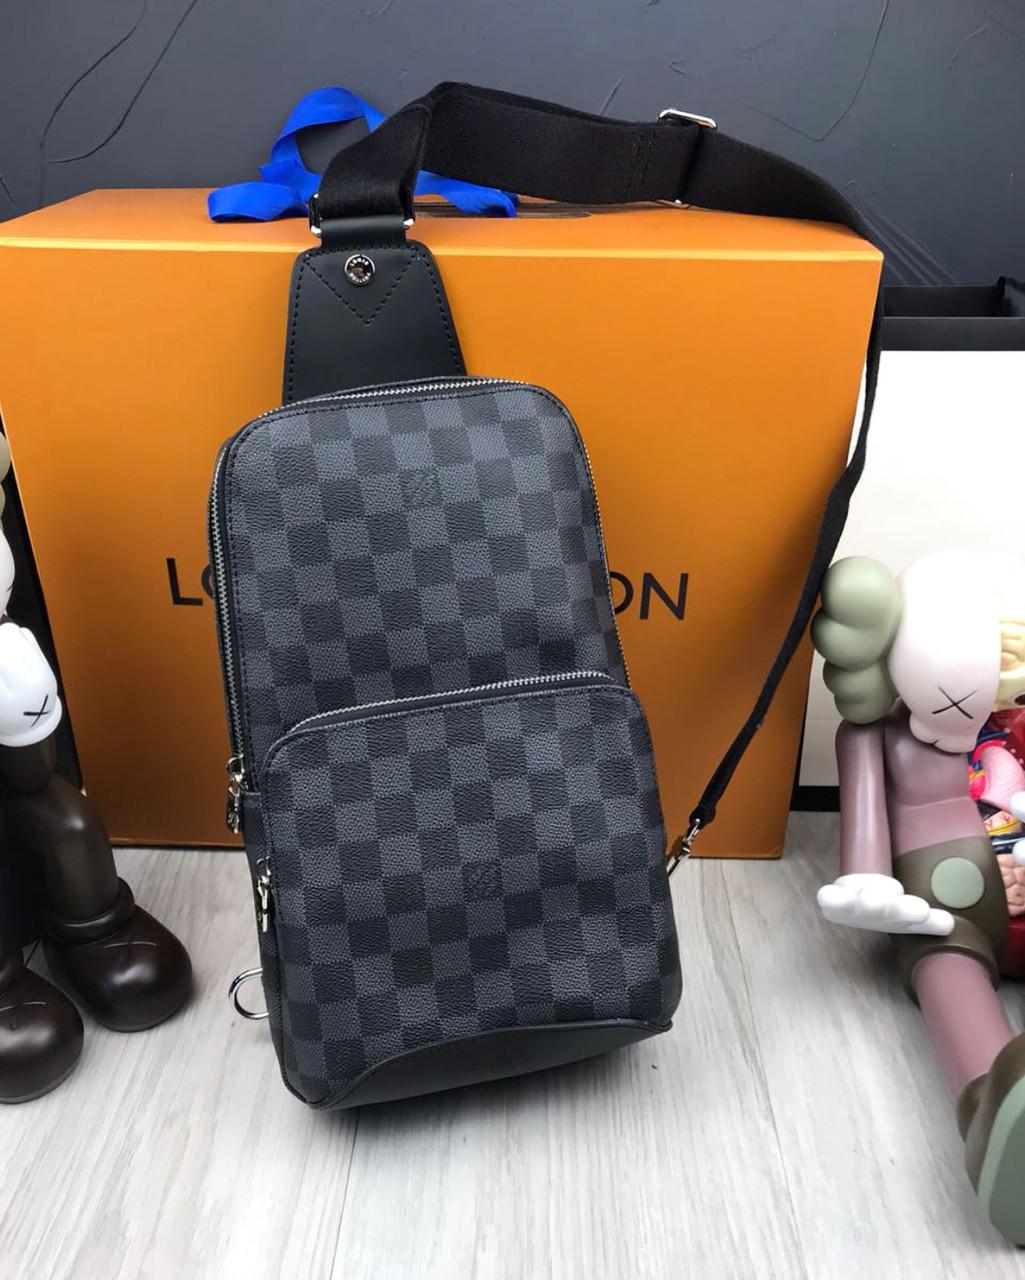 91f04a2f9e89 Сумка мужская через плечо почтальенка брендовая Louis Vuitton (слинг) копия  высокого качества - AMARKET